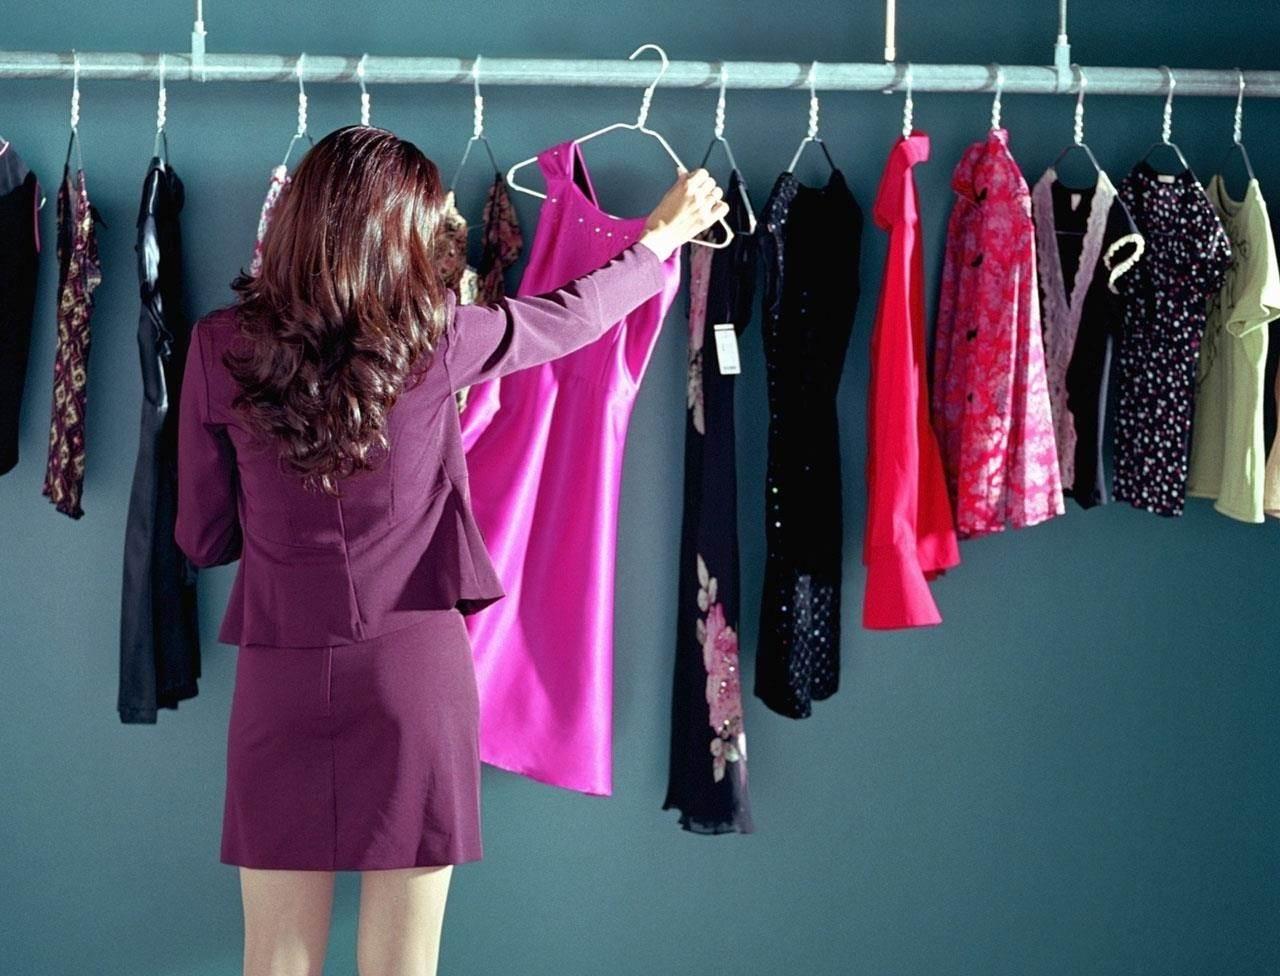 уже как сделать профессиональное фото одежды форму ниже, ответим